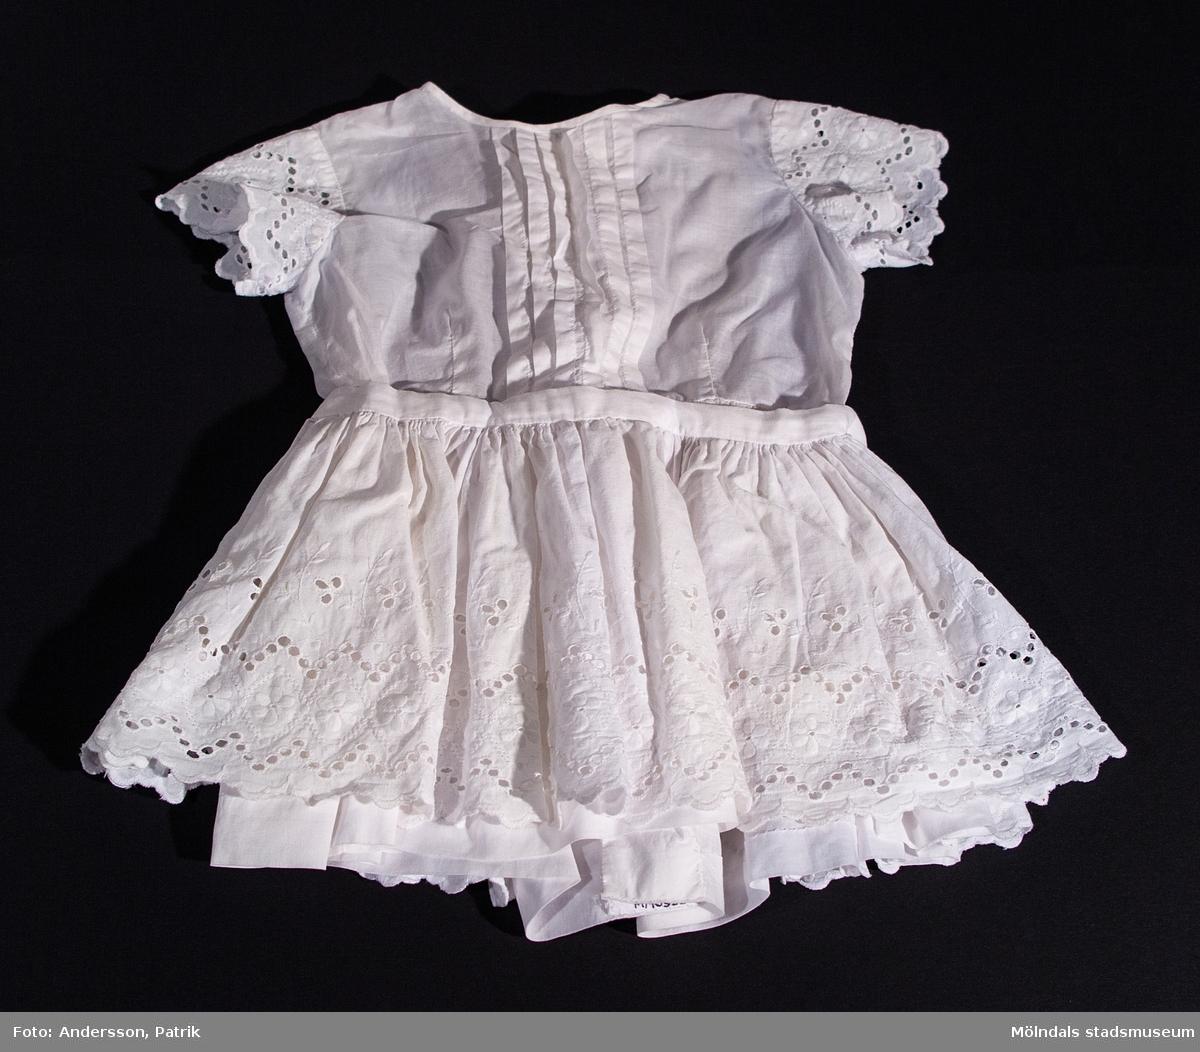 Vit brodyrklänning, från början av 1960-talet. Man knäpper klänningen längs hela ryggen med vita knappar och knyter en rosett i ryggslutet.  Klänningen är hemsydd. Tyget kommer troligtvis från Mölnlycke fabriker i Krokslätt.